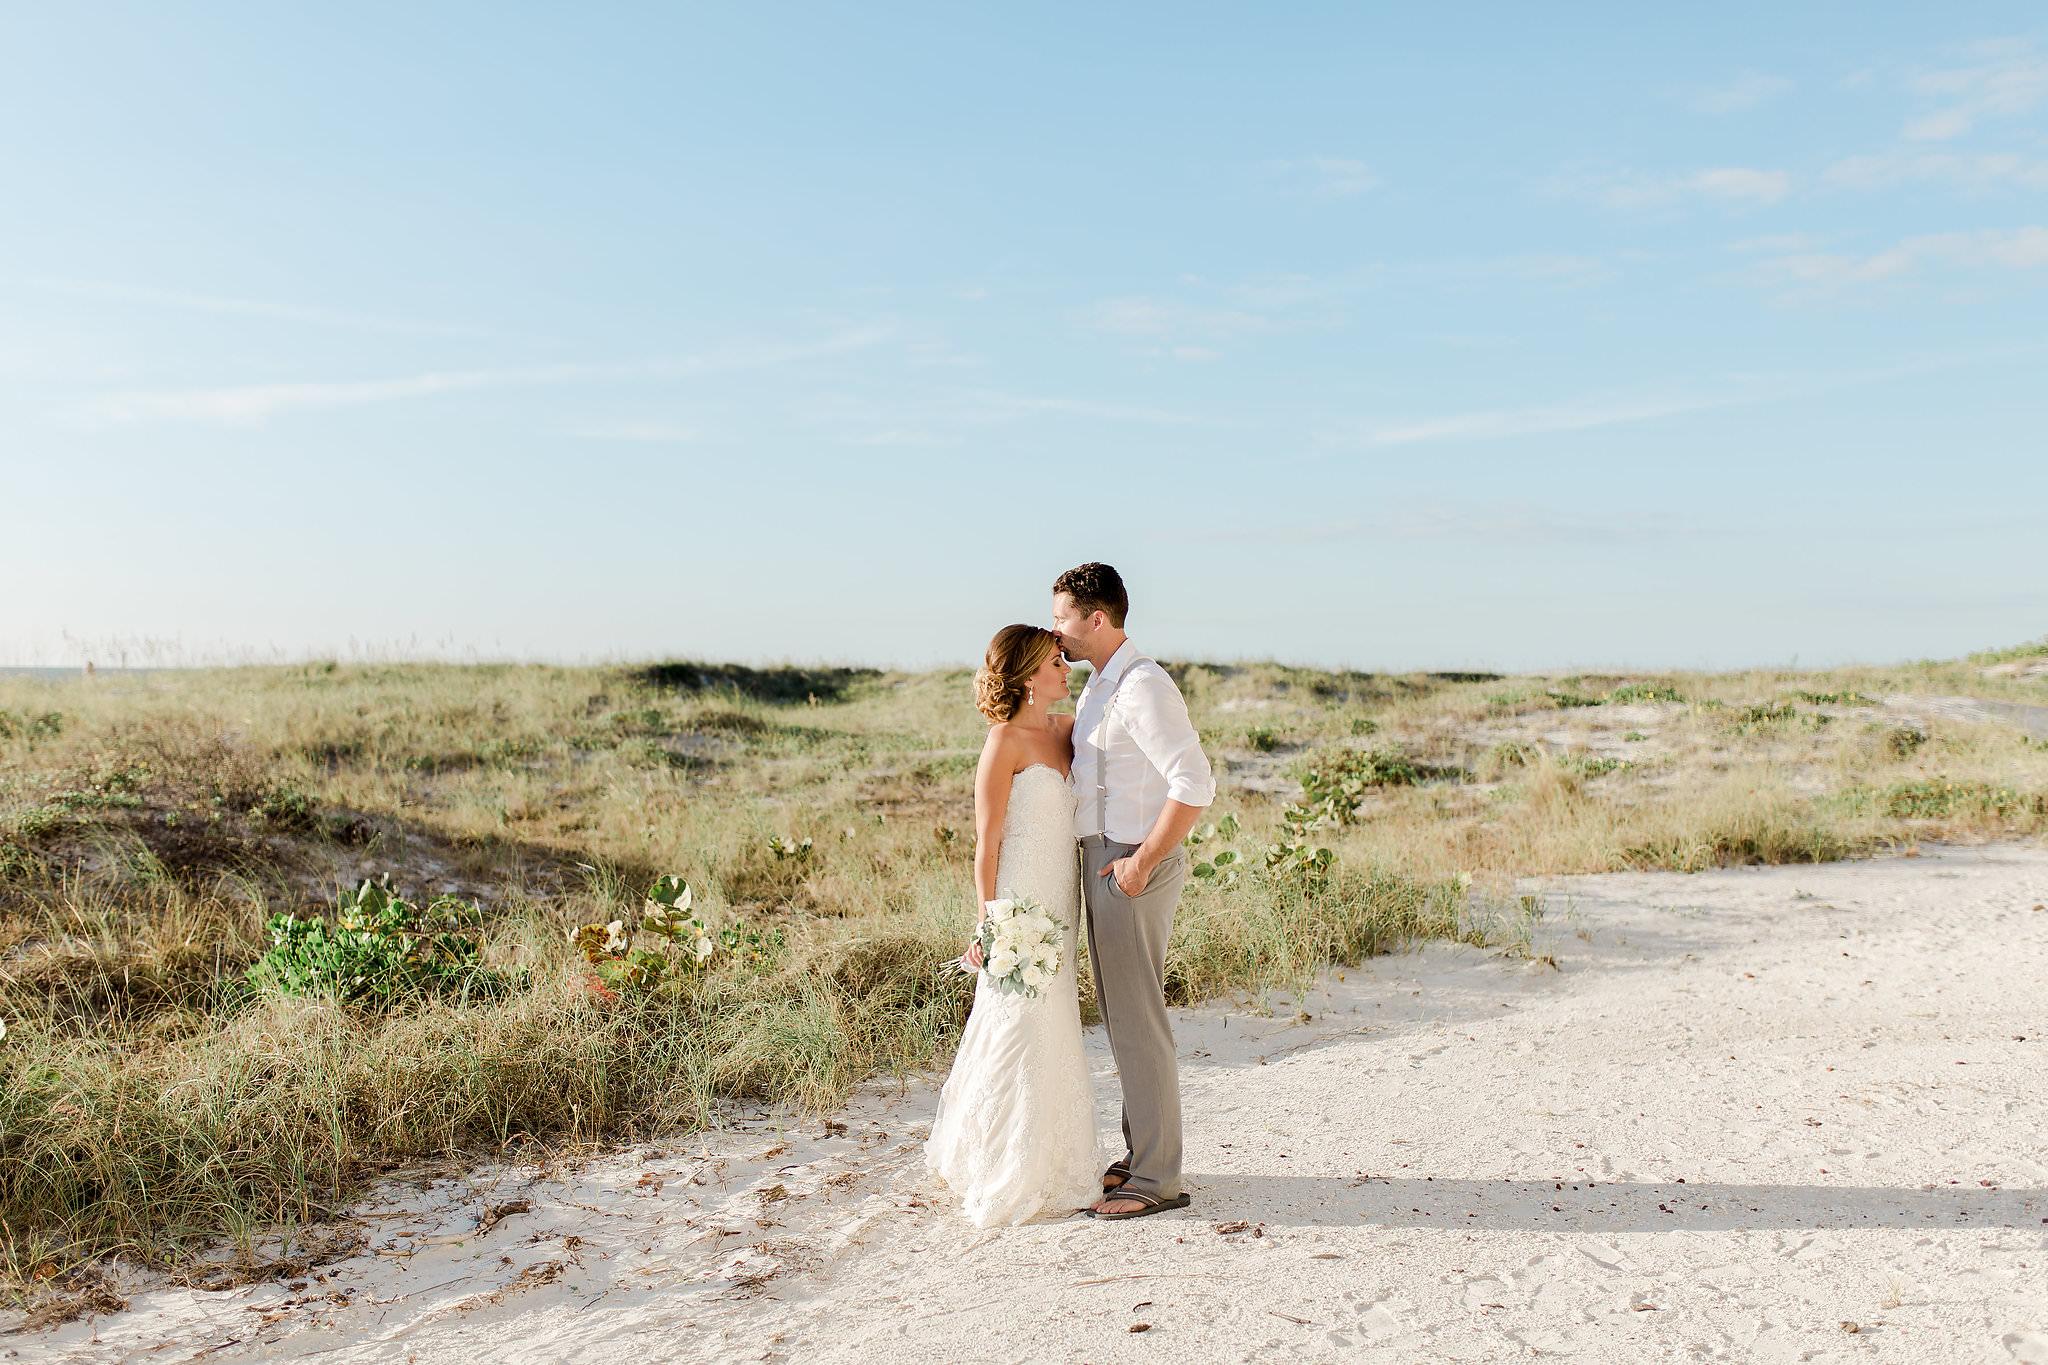 Erin-Jared-clearwater-beach-wedding-portraits-I58A5707.jpg